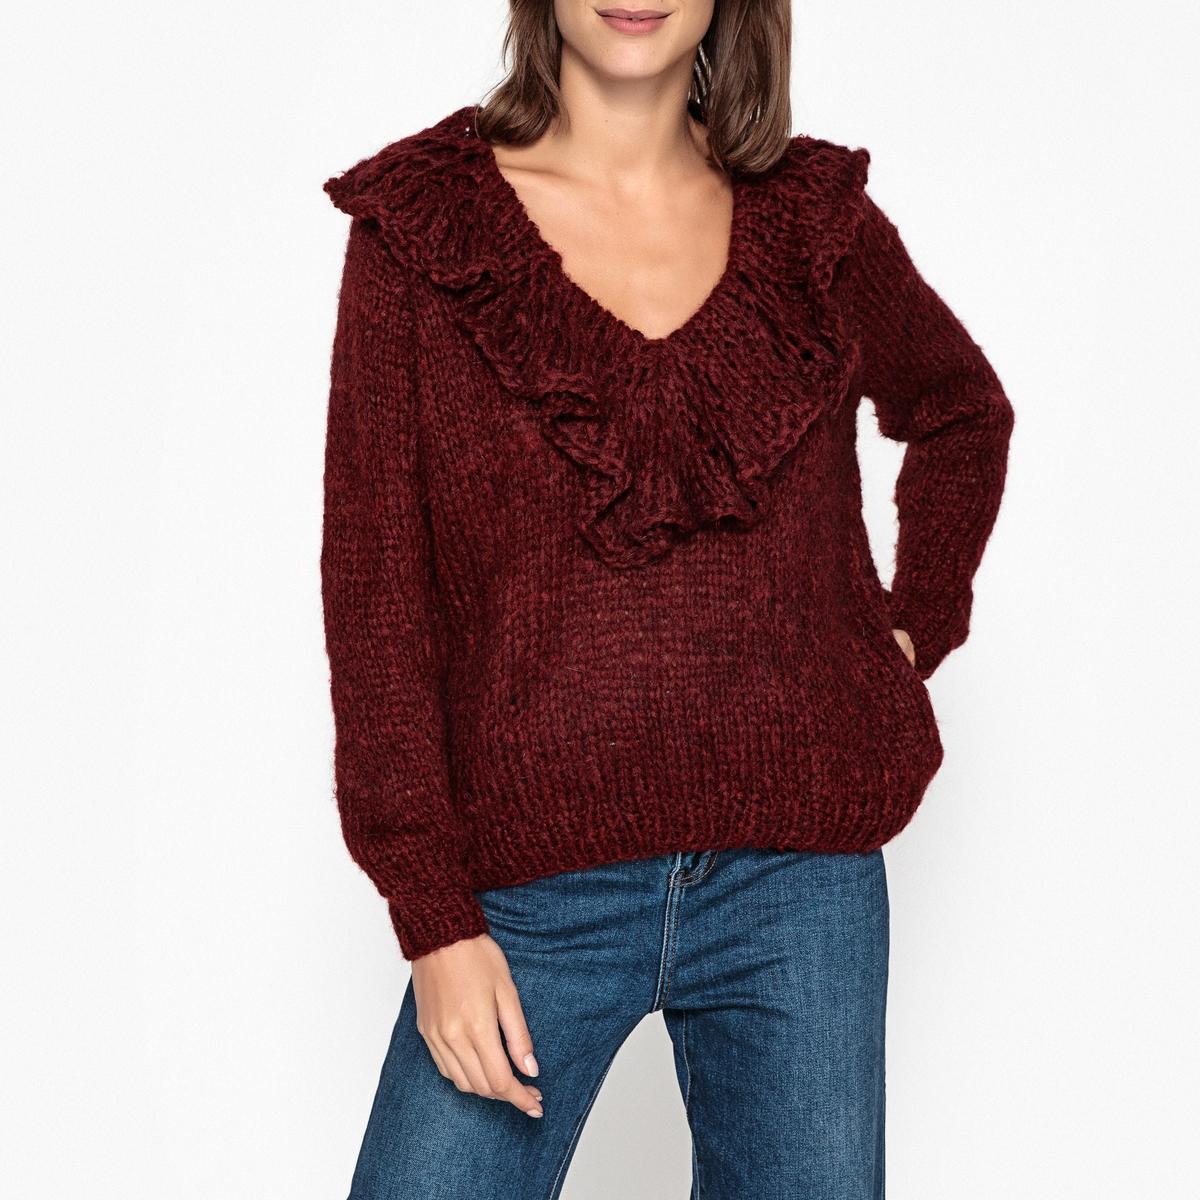 Пуловер с V-образным вырезом из трикотажа FRISCO пуловер из мохера